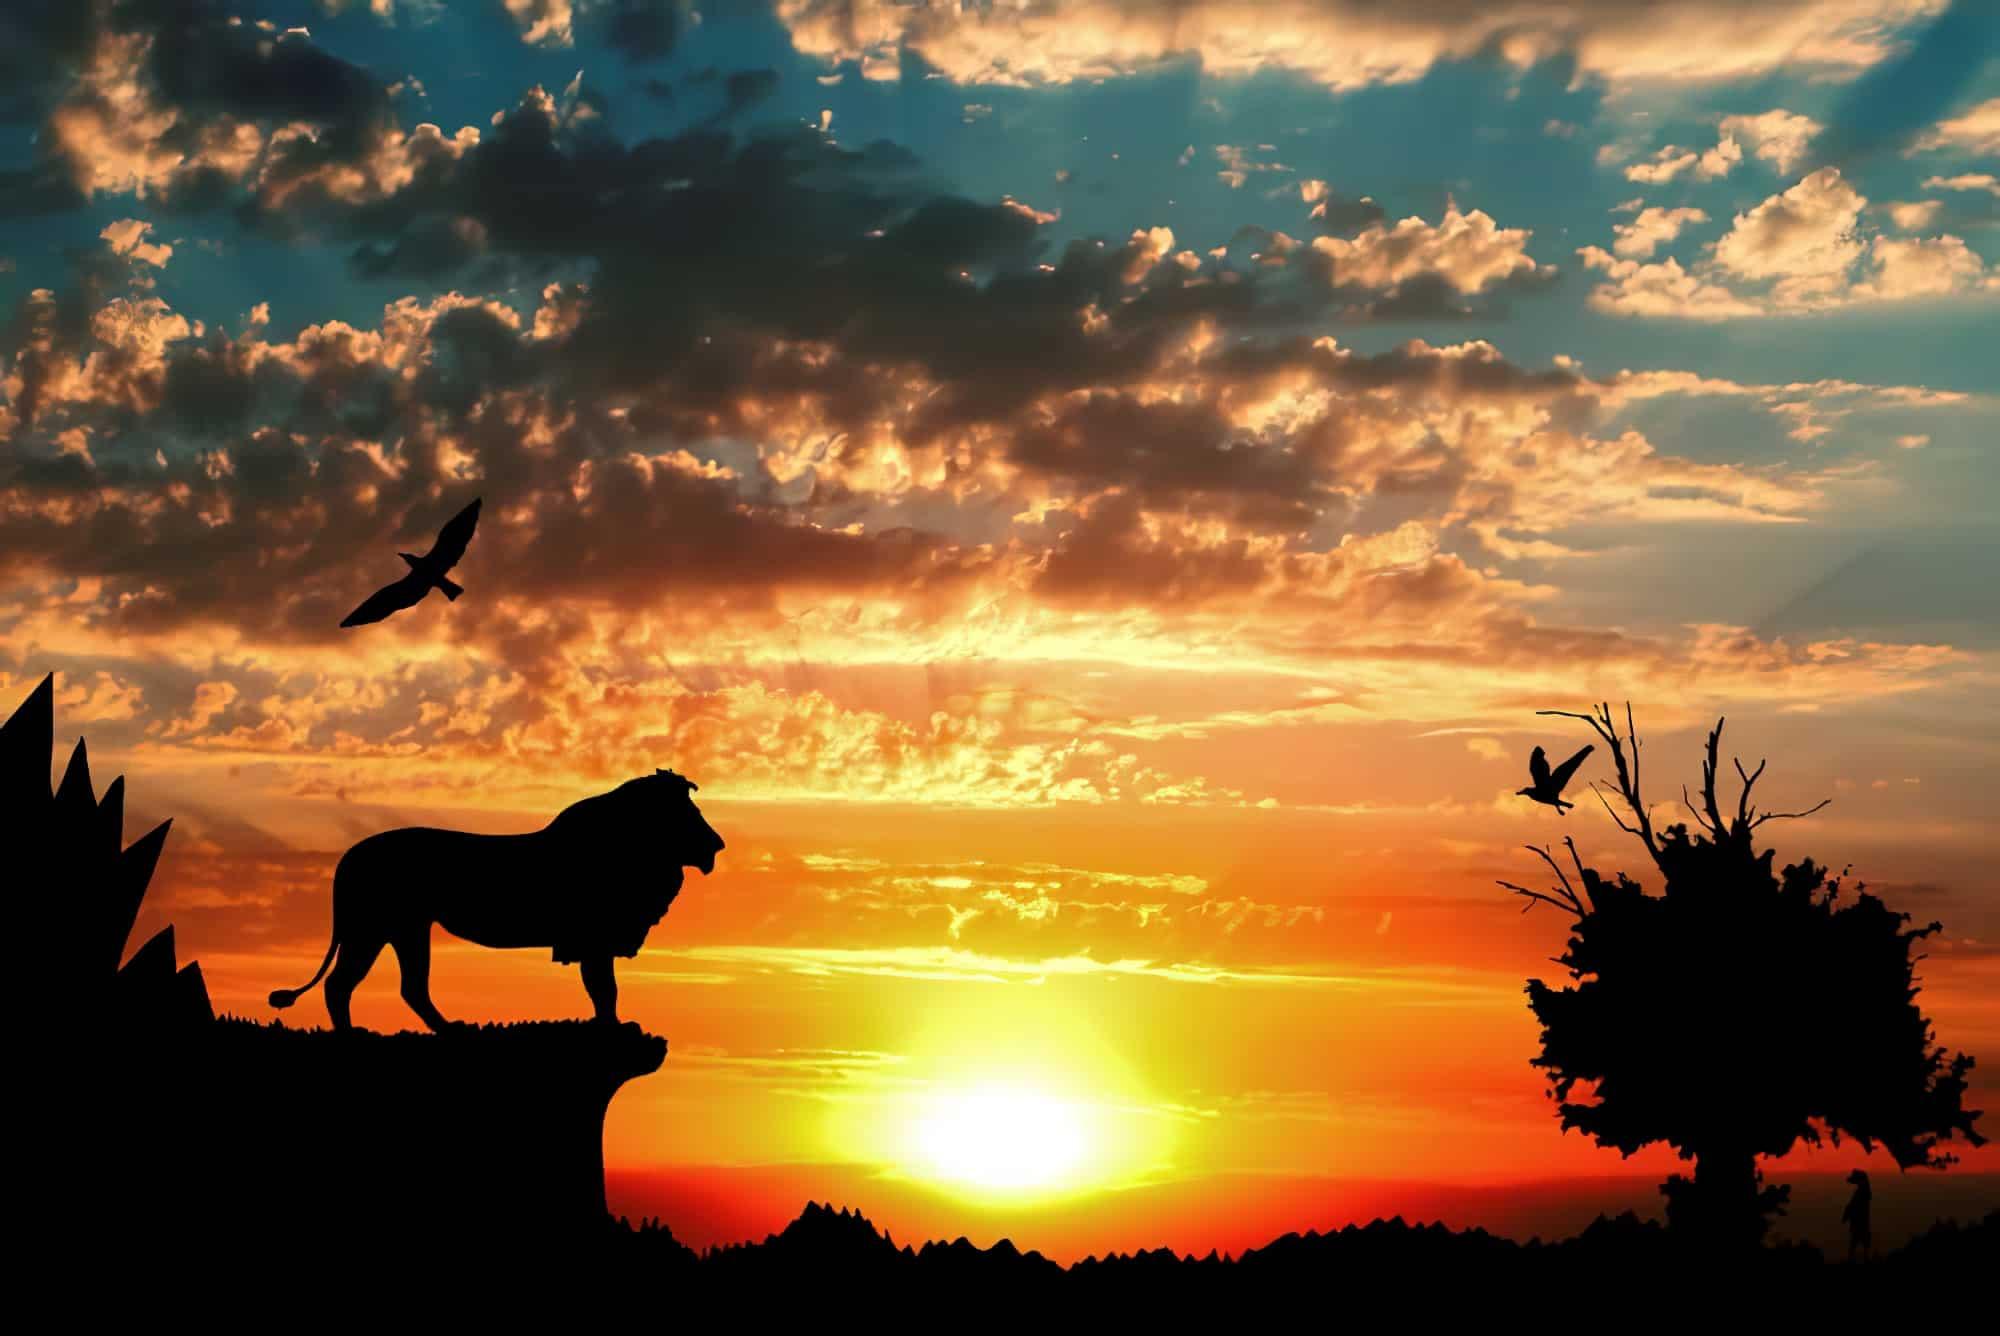 Films apprendre portugais : le roi lion